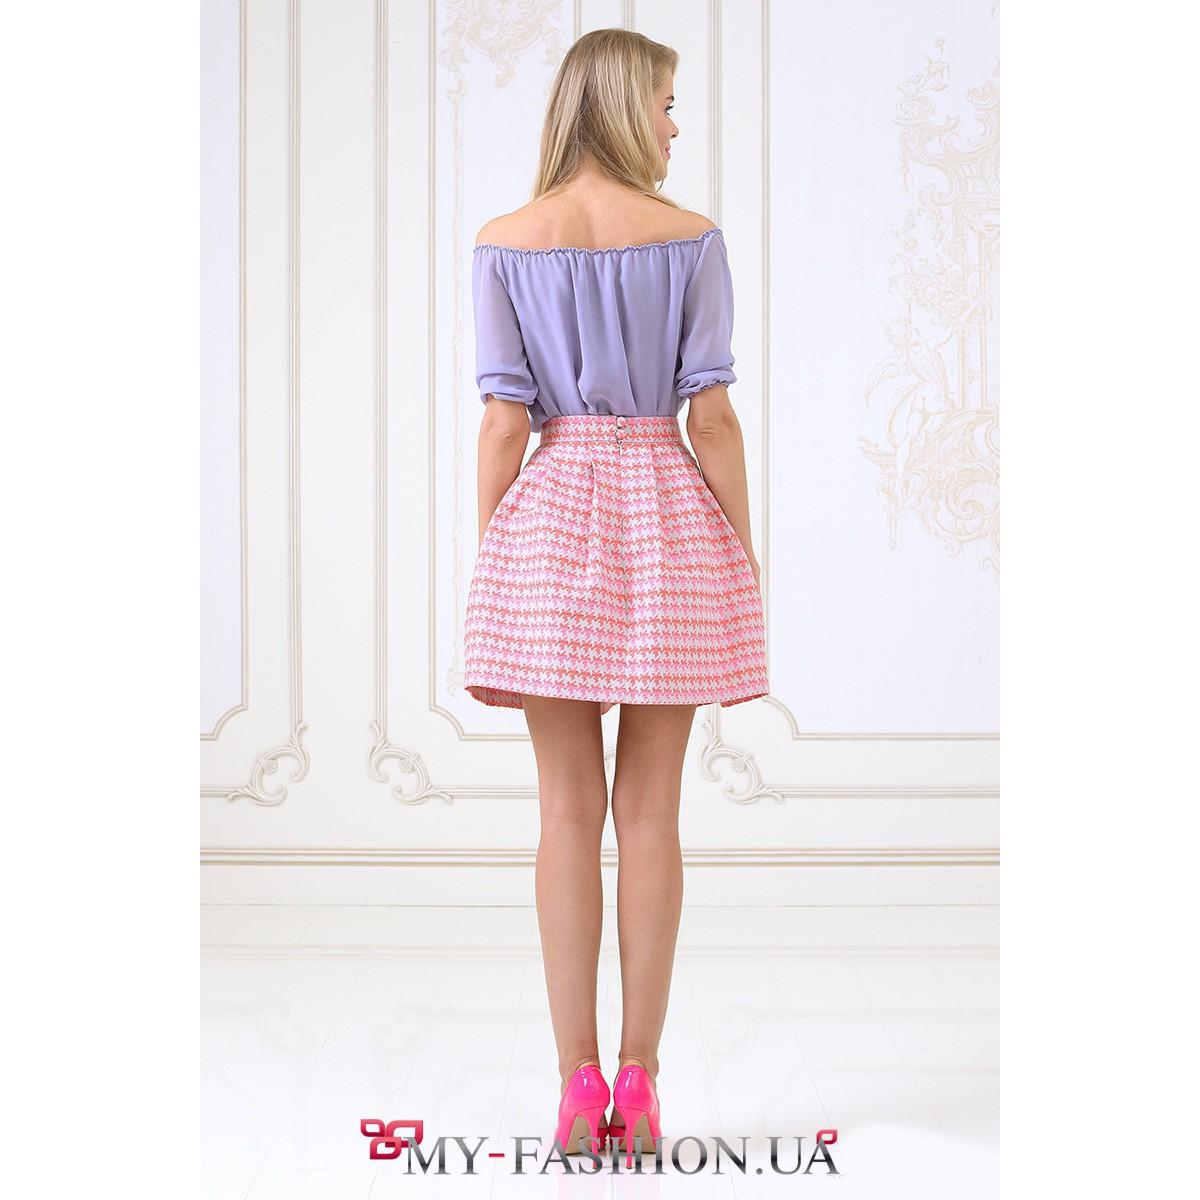 Короткие пышные юбки доставка